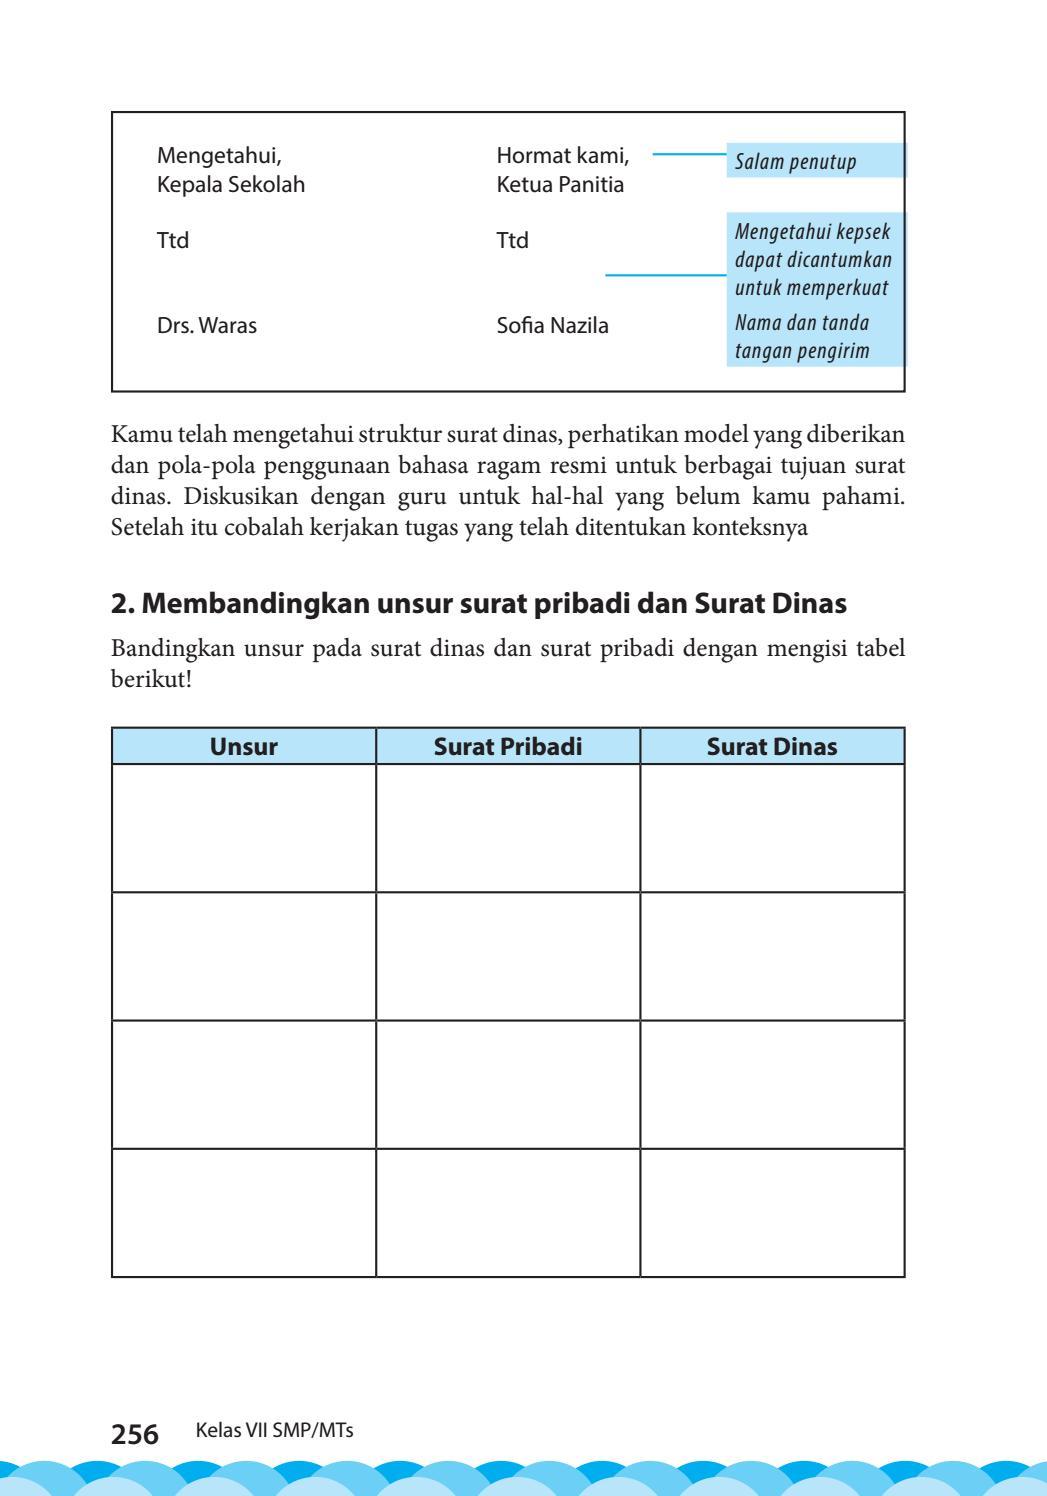 Membandingkan Unsur Surat Pribadi Dan Surat Dinas : membandingkan, unsur, surat, pribadi, dinas, Kelas, Bahasa, Indonesia, Siswa, Issuu